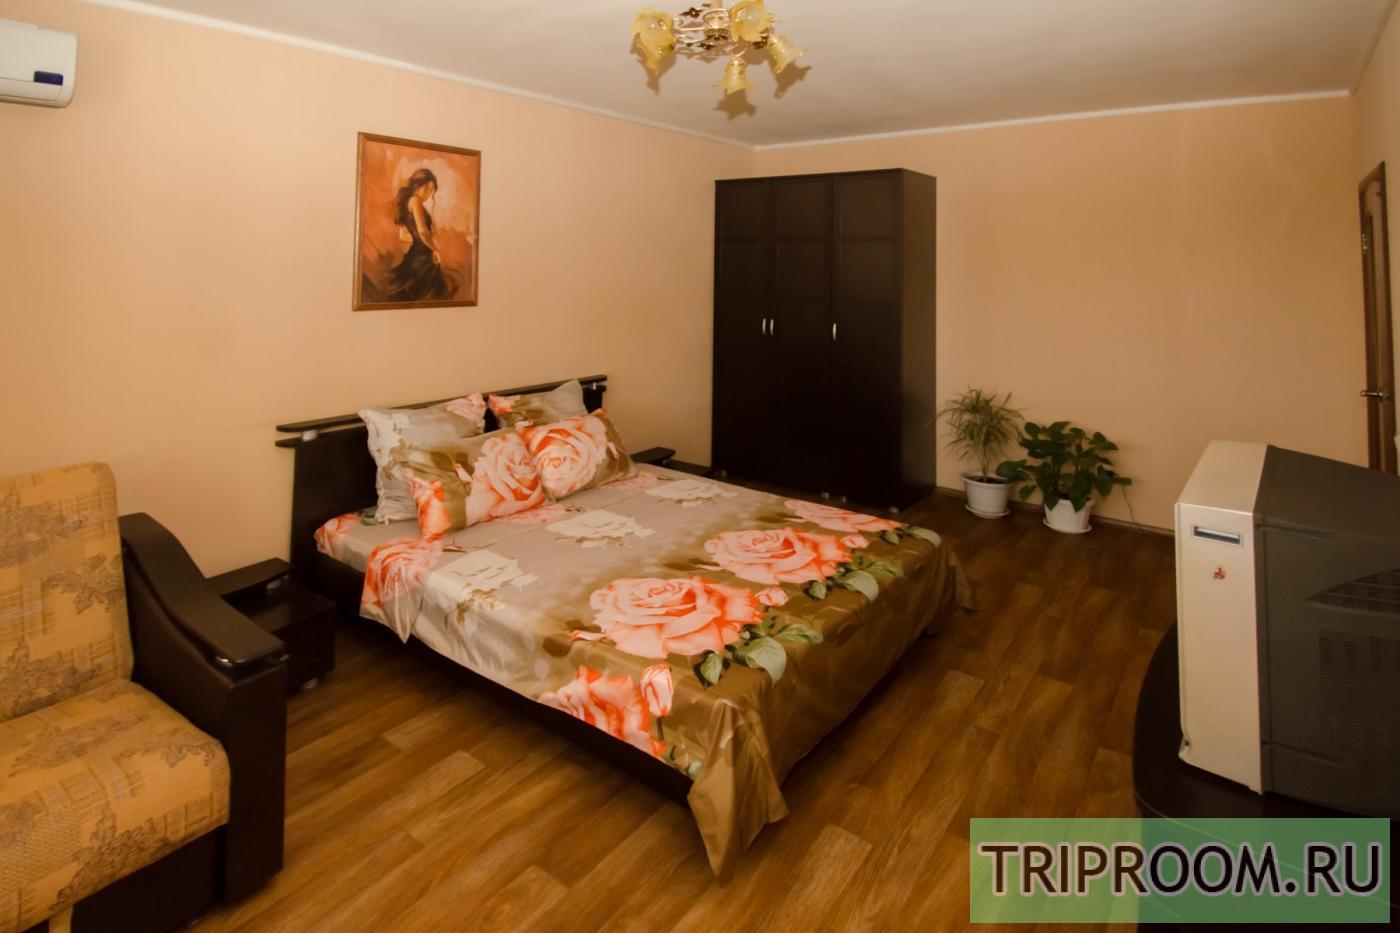 1-комнатная квартира посуточно (вариант № 2483), ул. Мордасовой улица, фото № 2